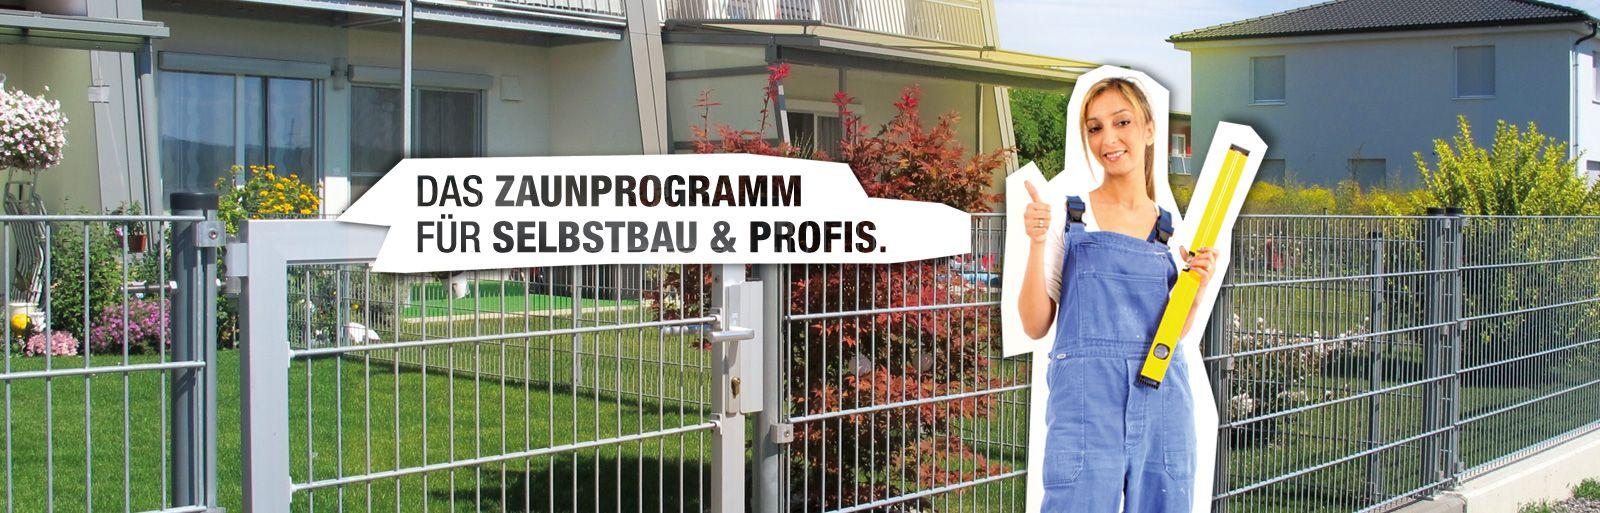 HEADER Bilder das Zaunprogramm DE